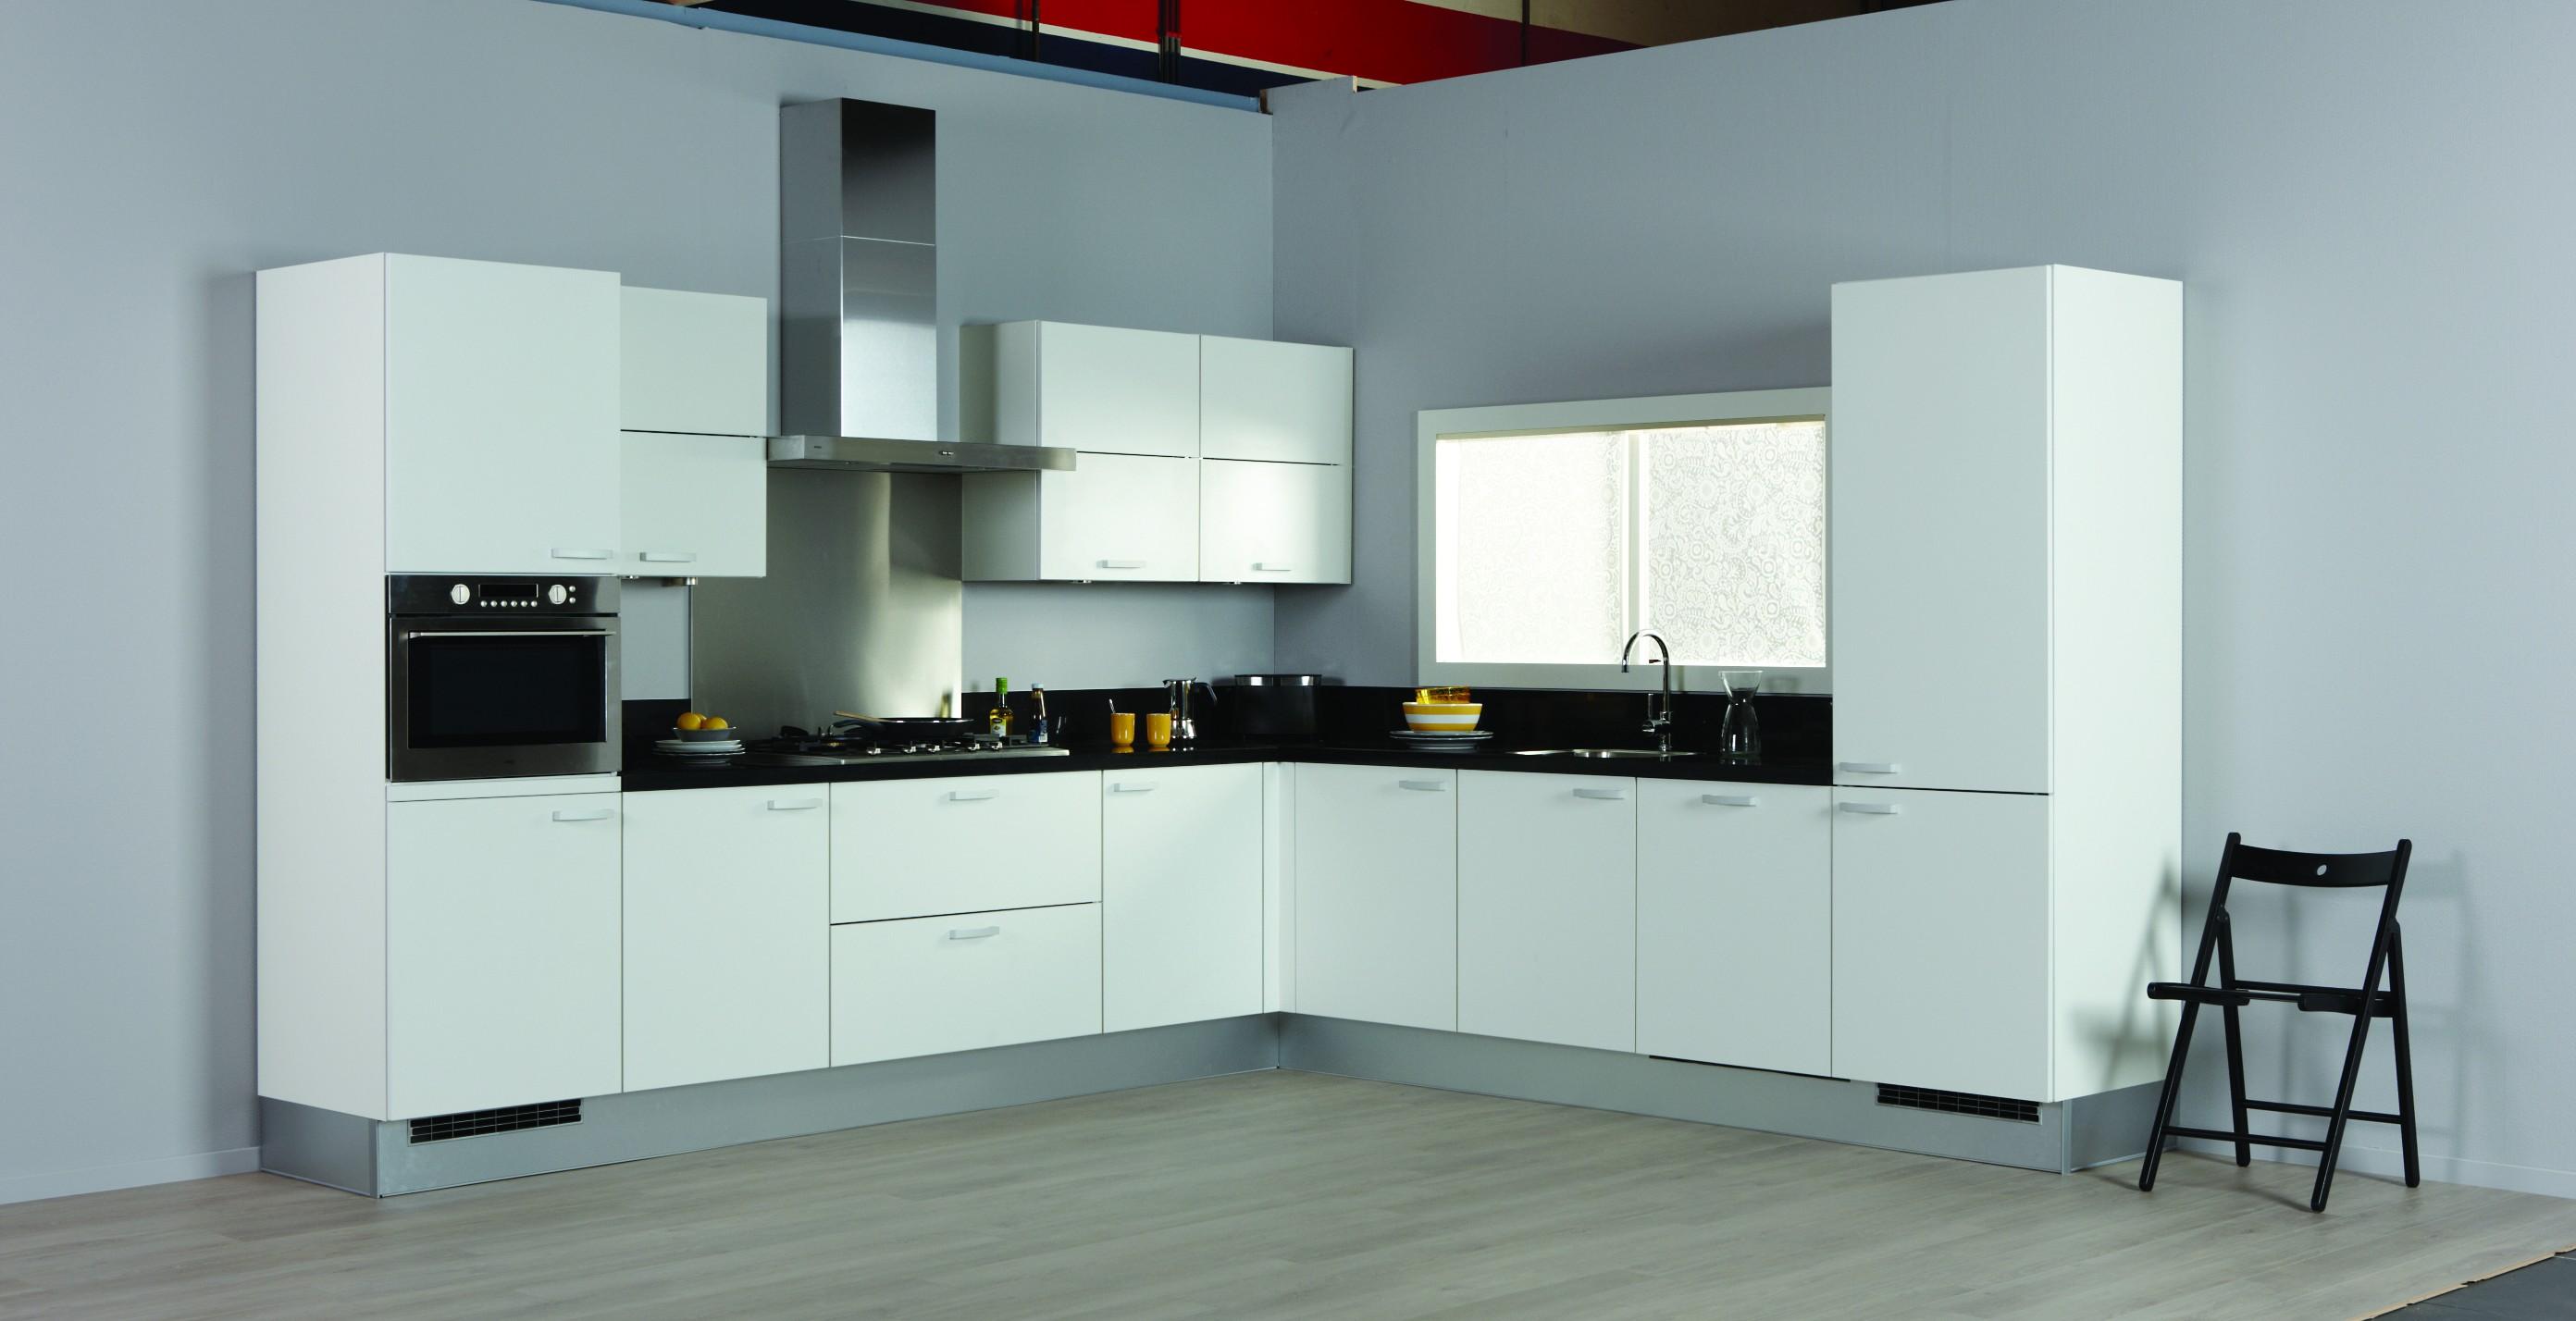 Witte Keuken Design : Witte keuken voor een frisse en ruimtelijke uitstraling